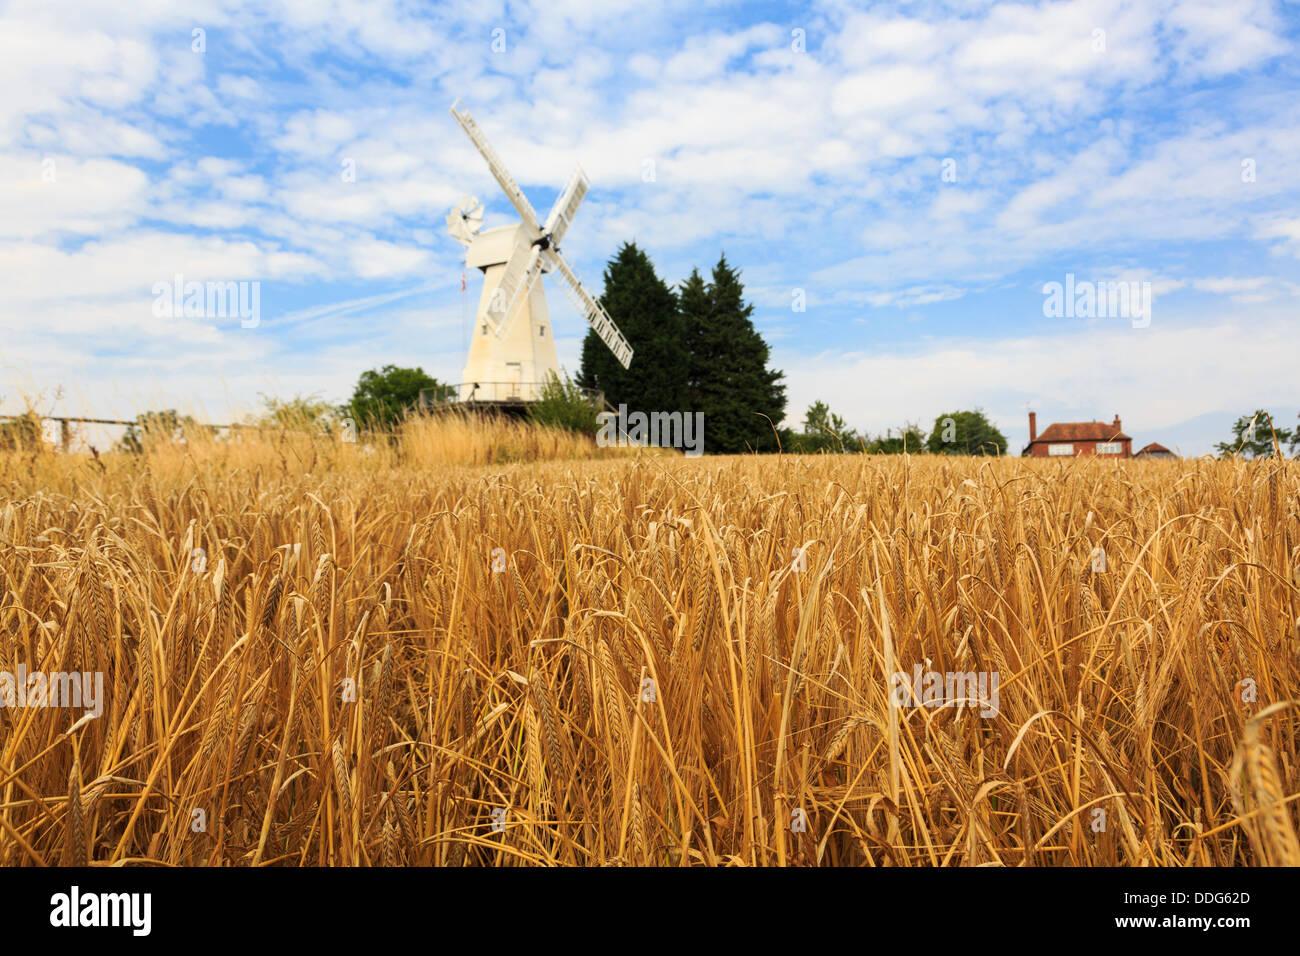 19 C Kentish Kittel Mühle weiße Windmühle aus Holz, die über ein Feld von Reifen landwirtschaftlicher Stockbild